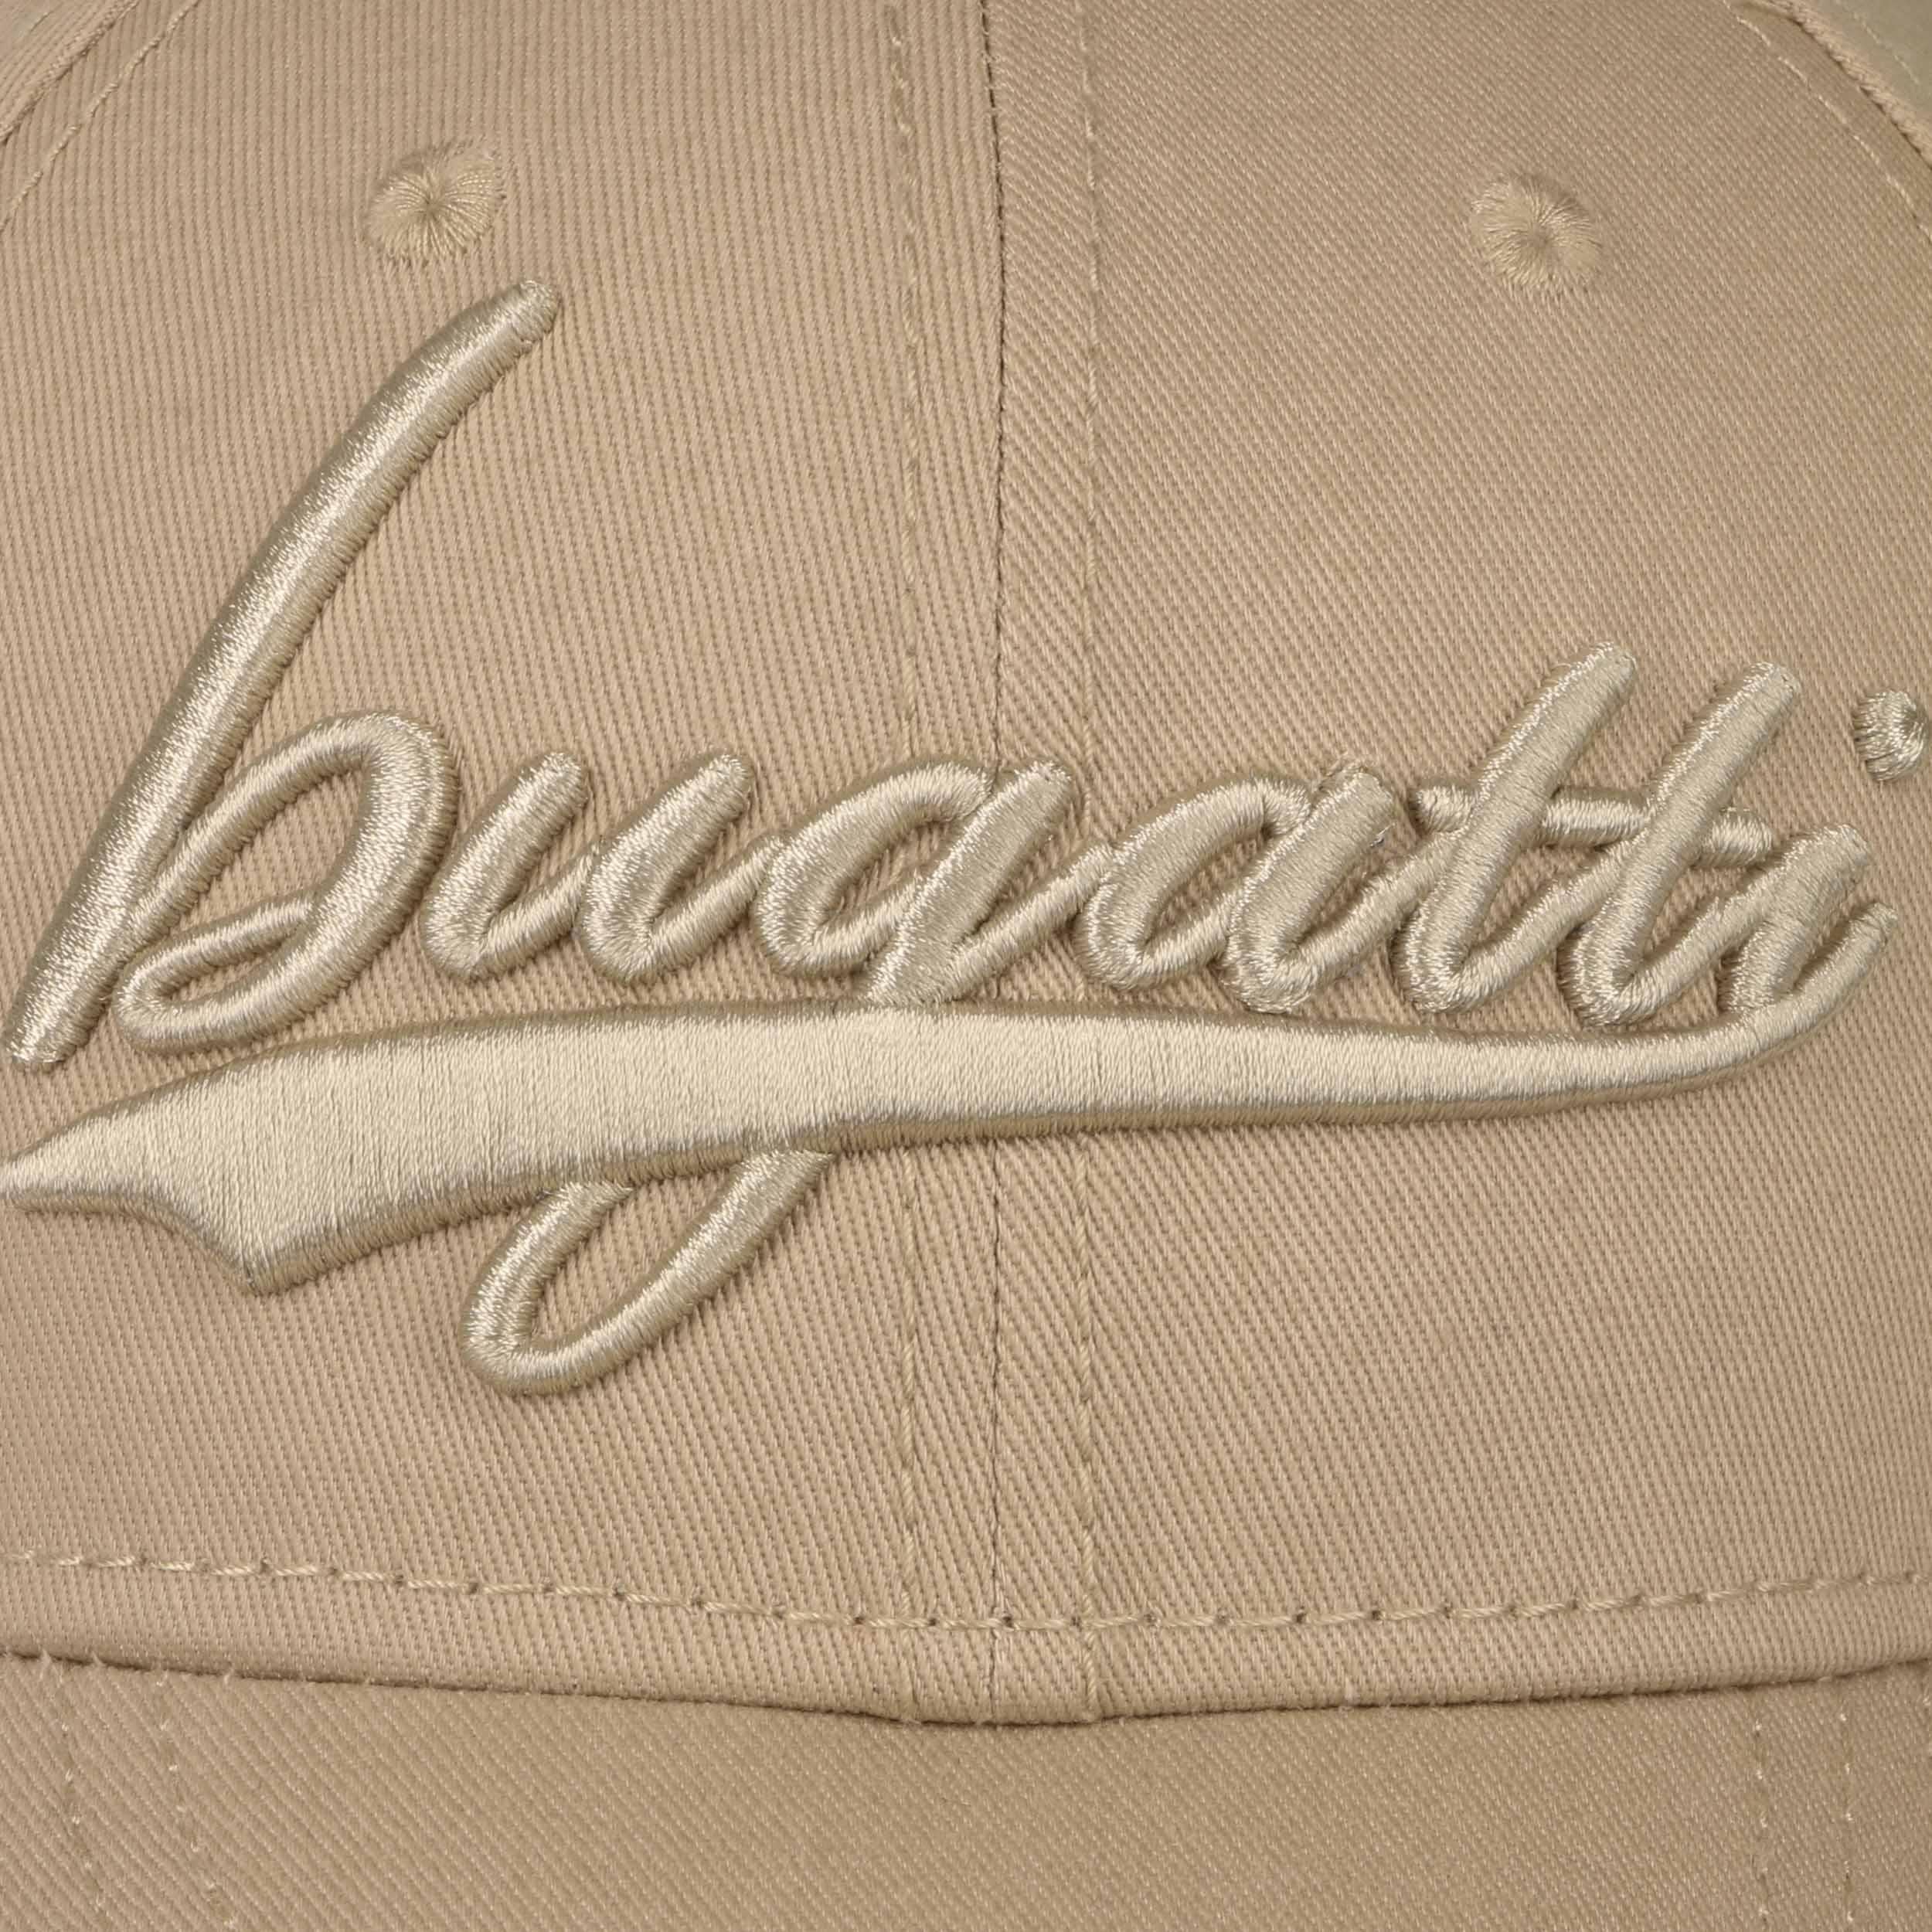 ... UV Guard Baseball Cap by bugatti - blue 4 ... d536f0914b06